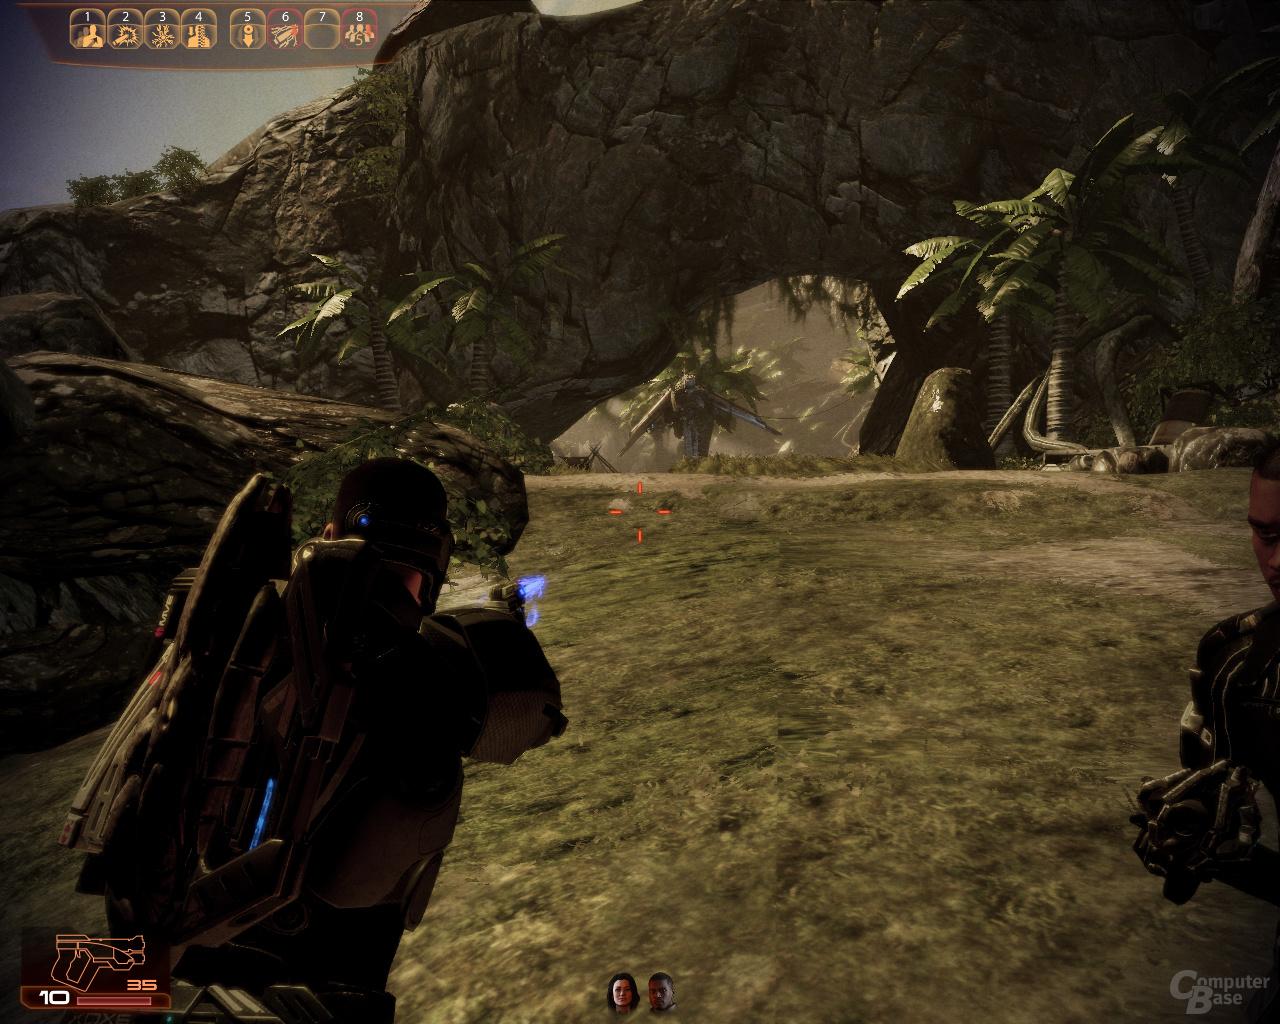 Mass Effect 2 - 4xMSAA